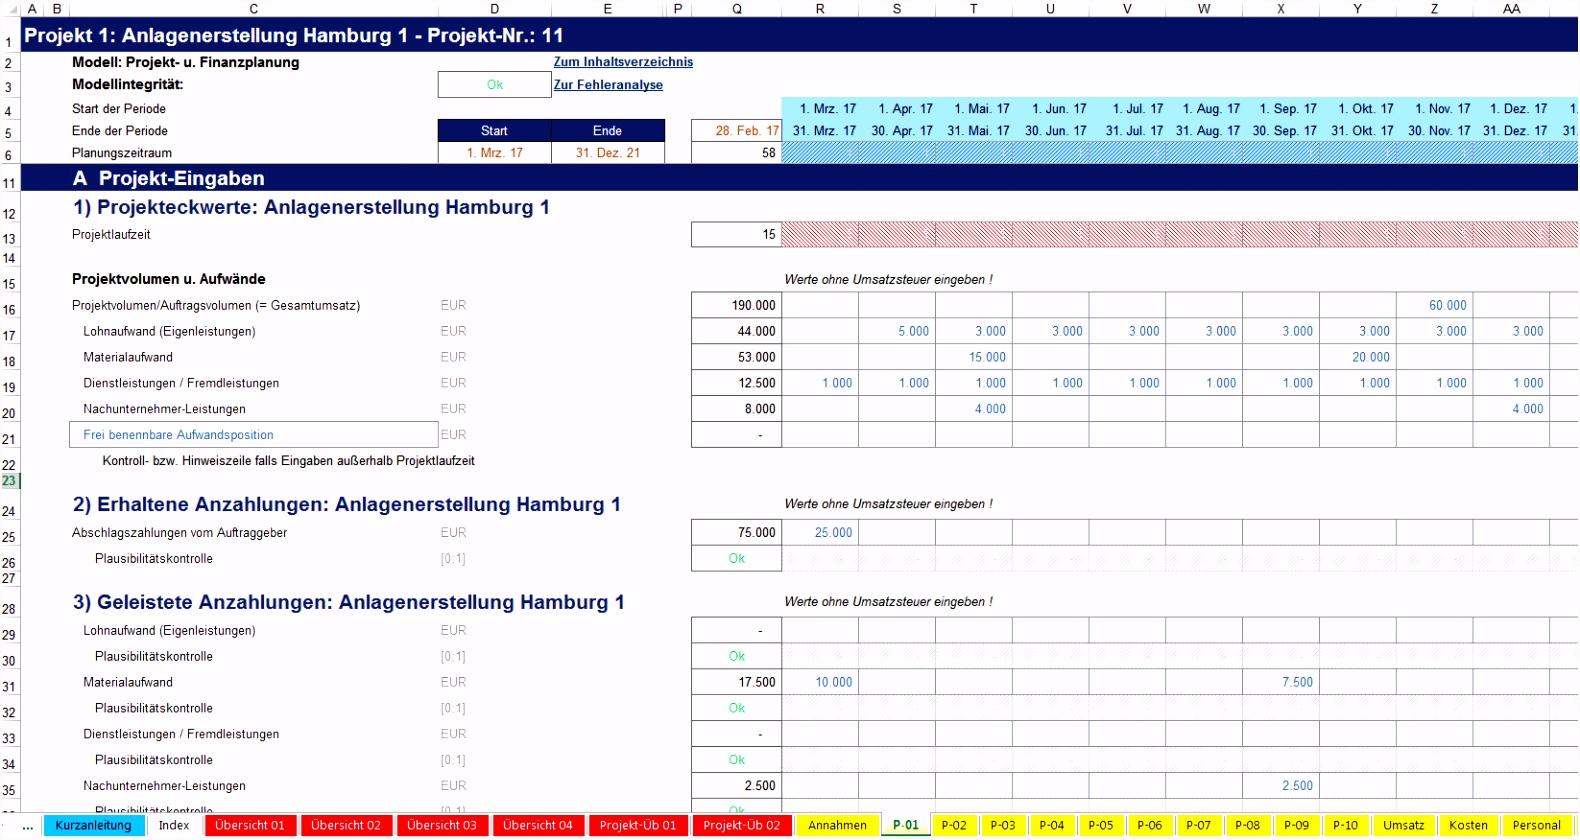 Vorlage Reisekostenabrechnung Excel Idee Raybanoutletclearance